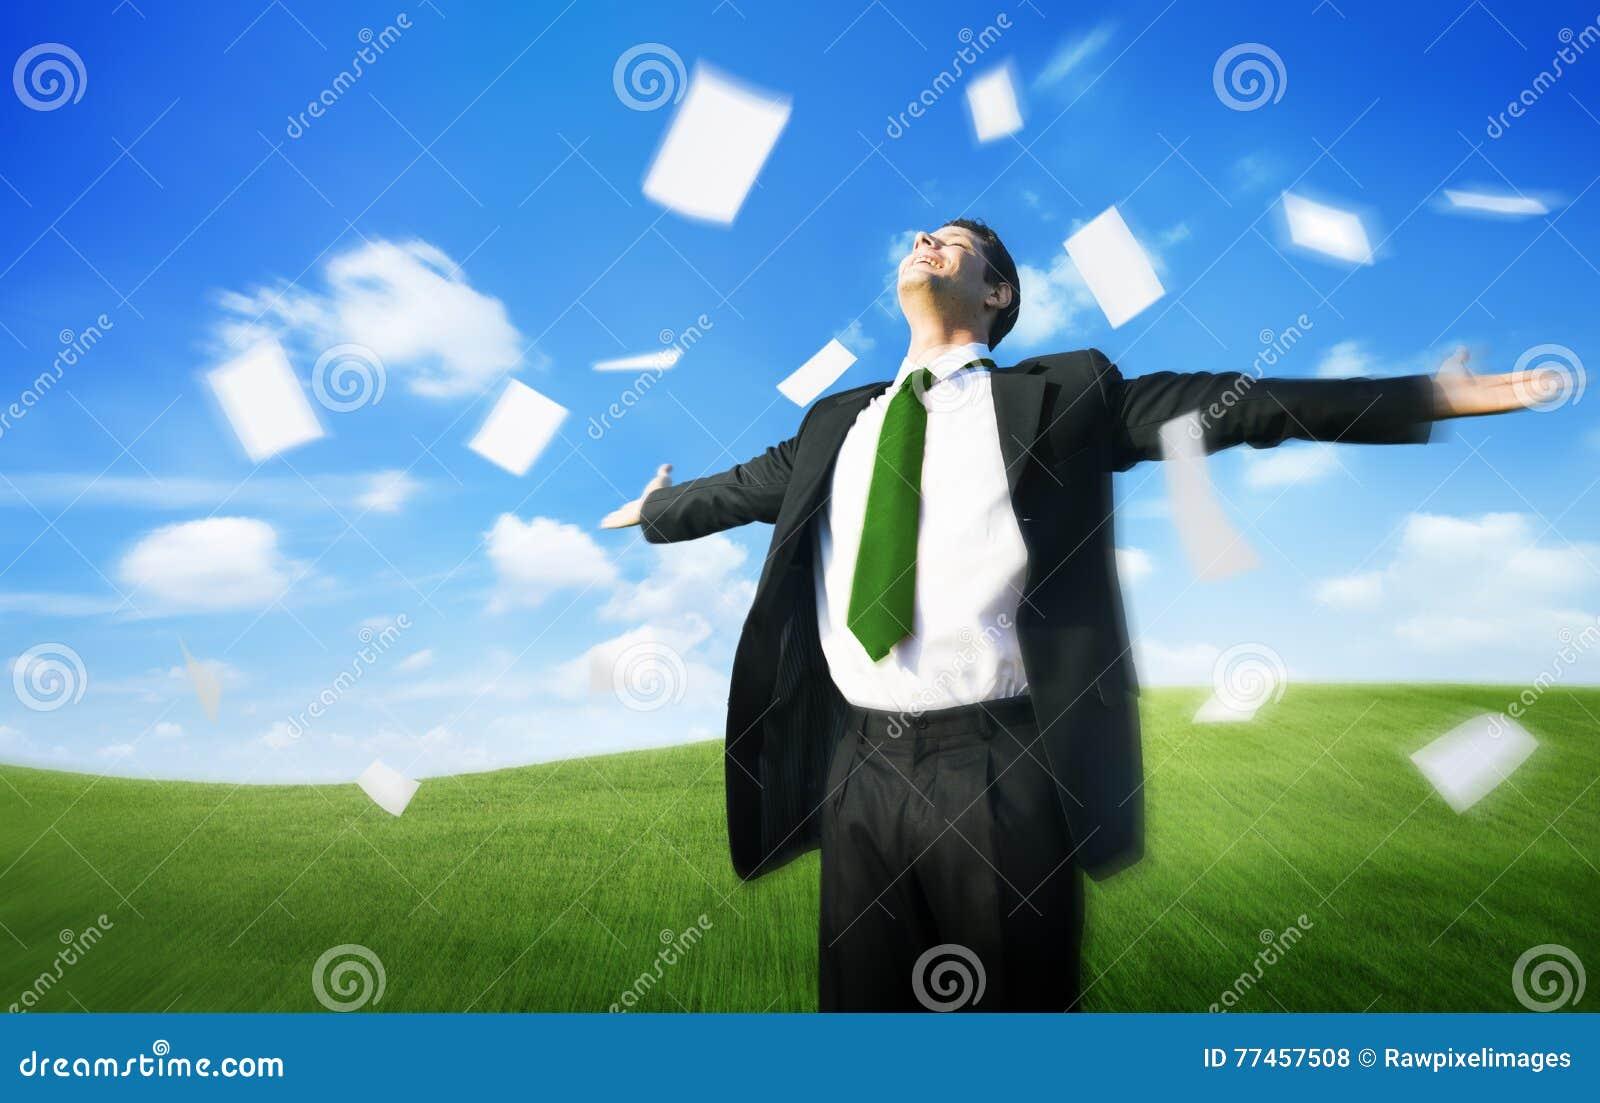 Concepto de Documents Throwing Happiness del hombre de negocios del negocio